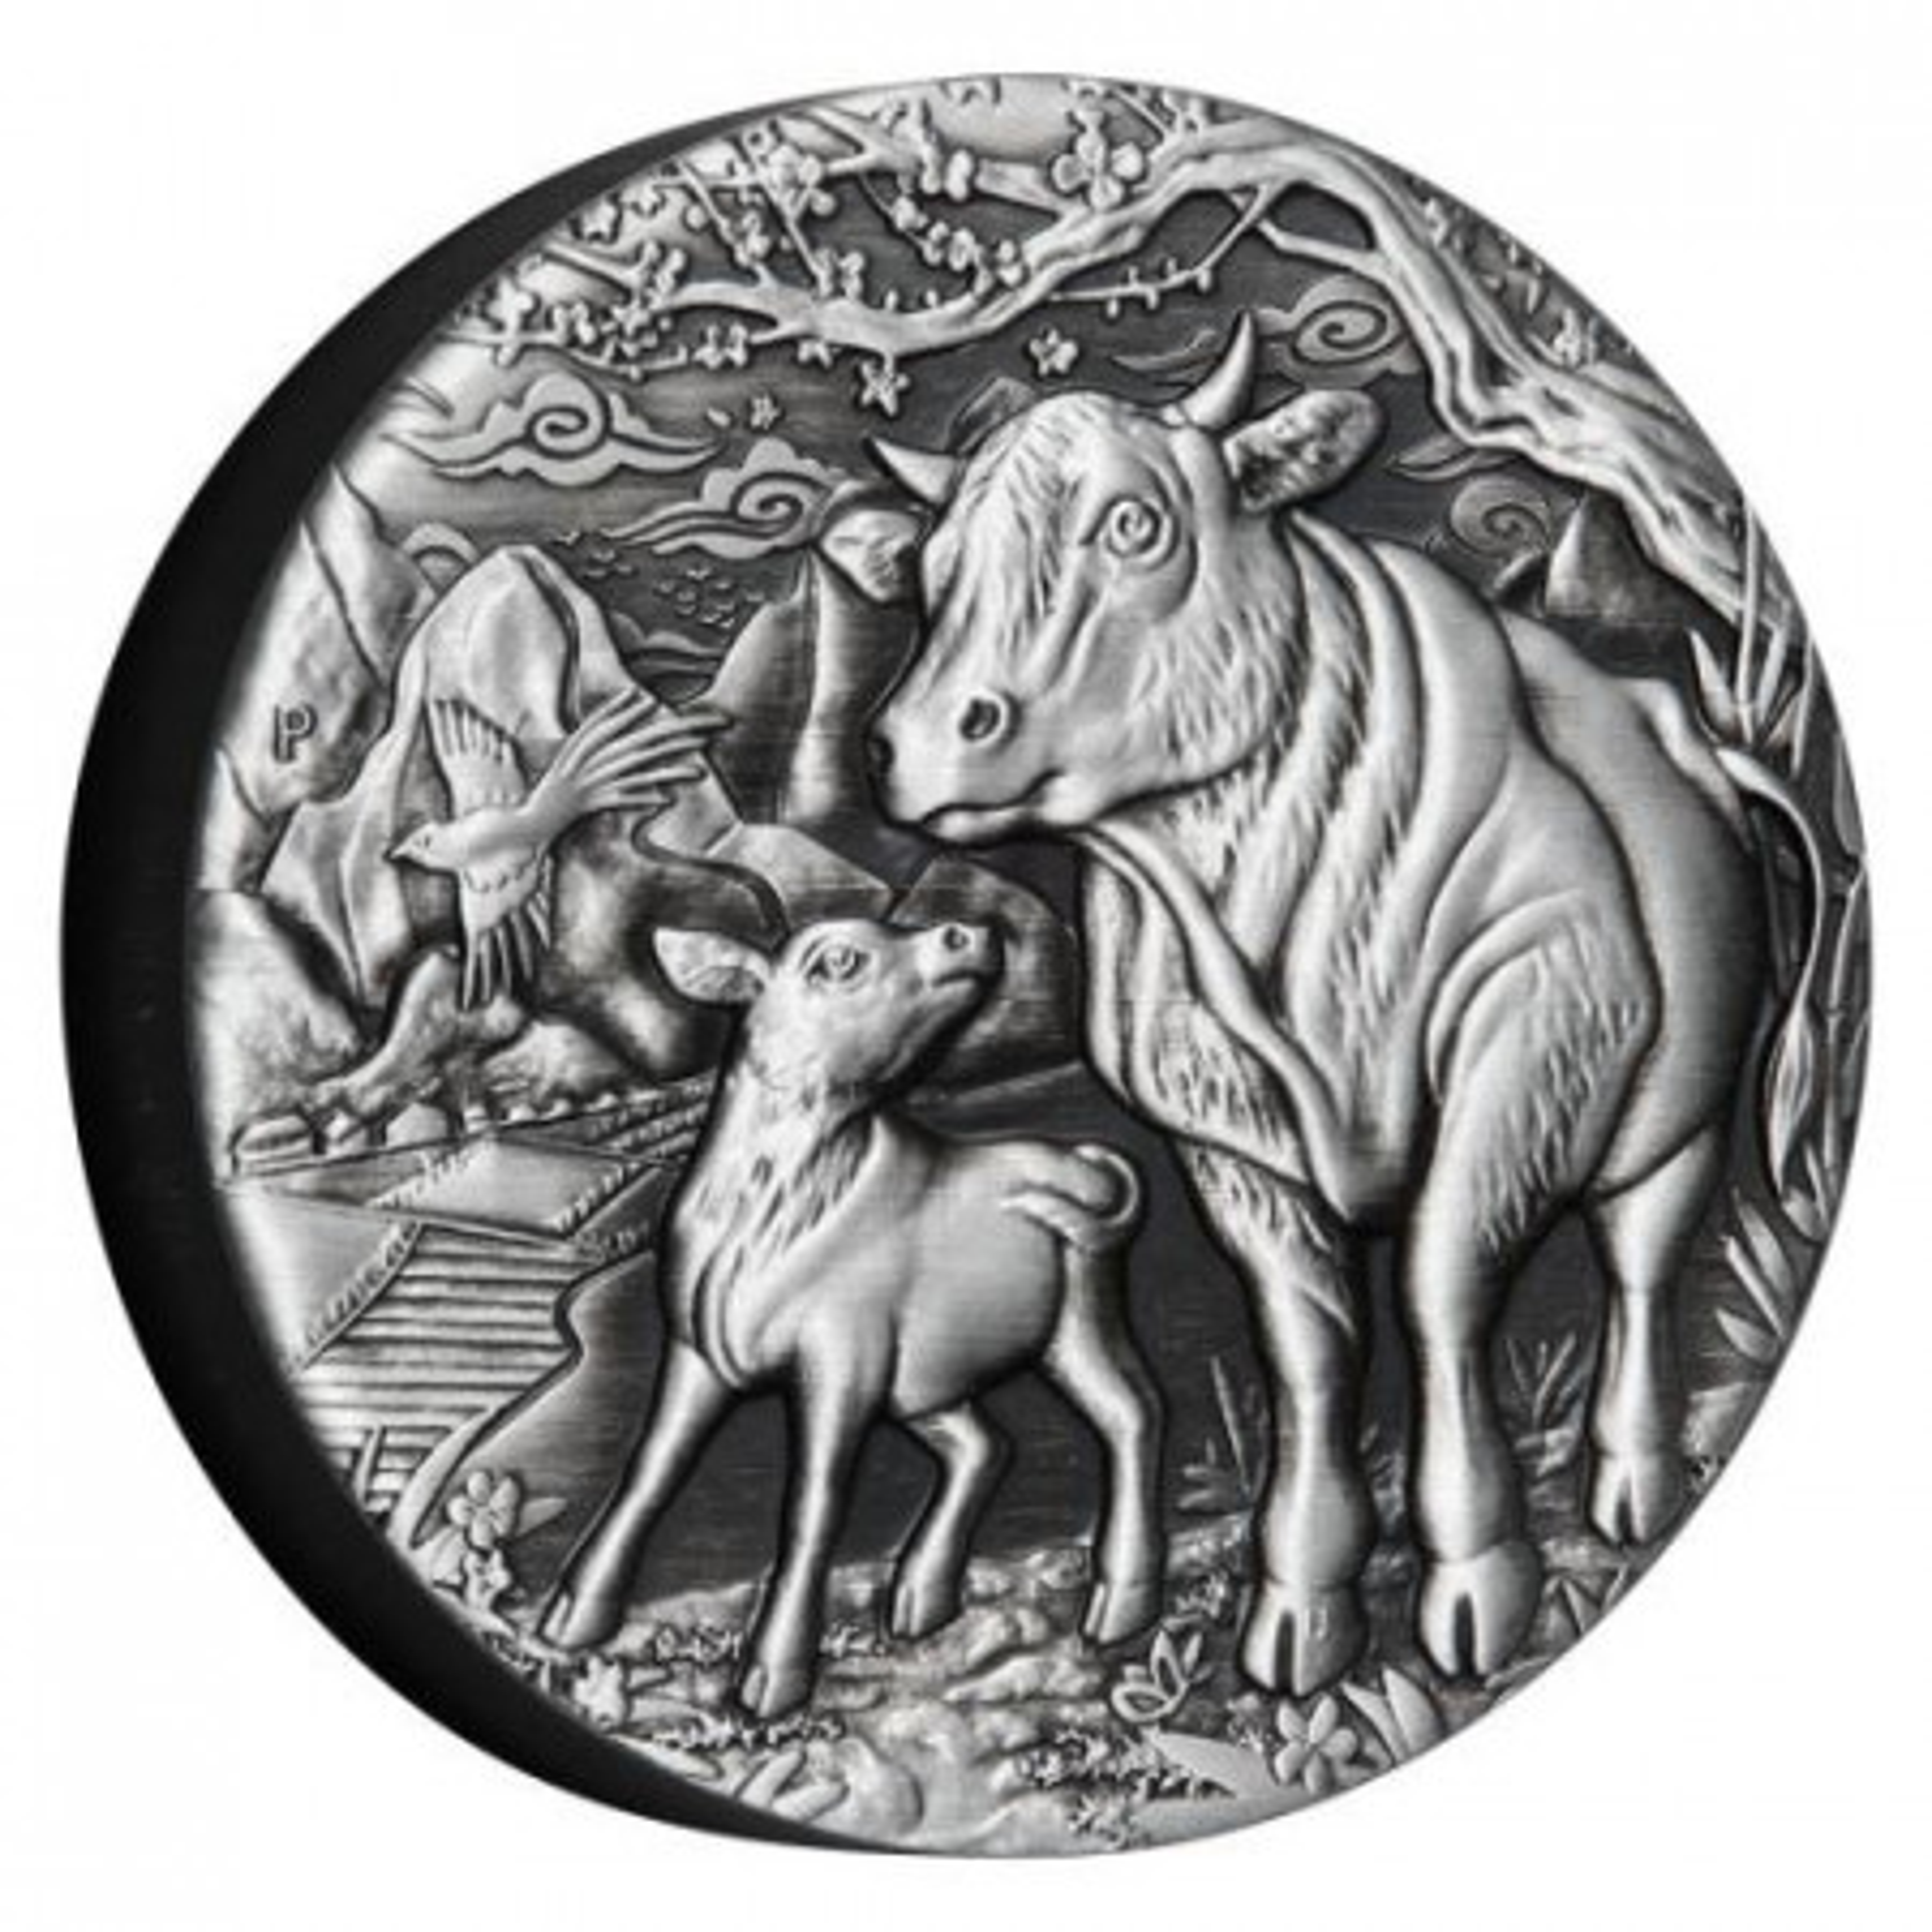 2 troy ounce zilveren munt Lunar jaar van de Os 2021 Proof